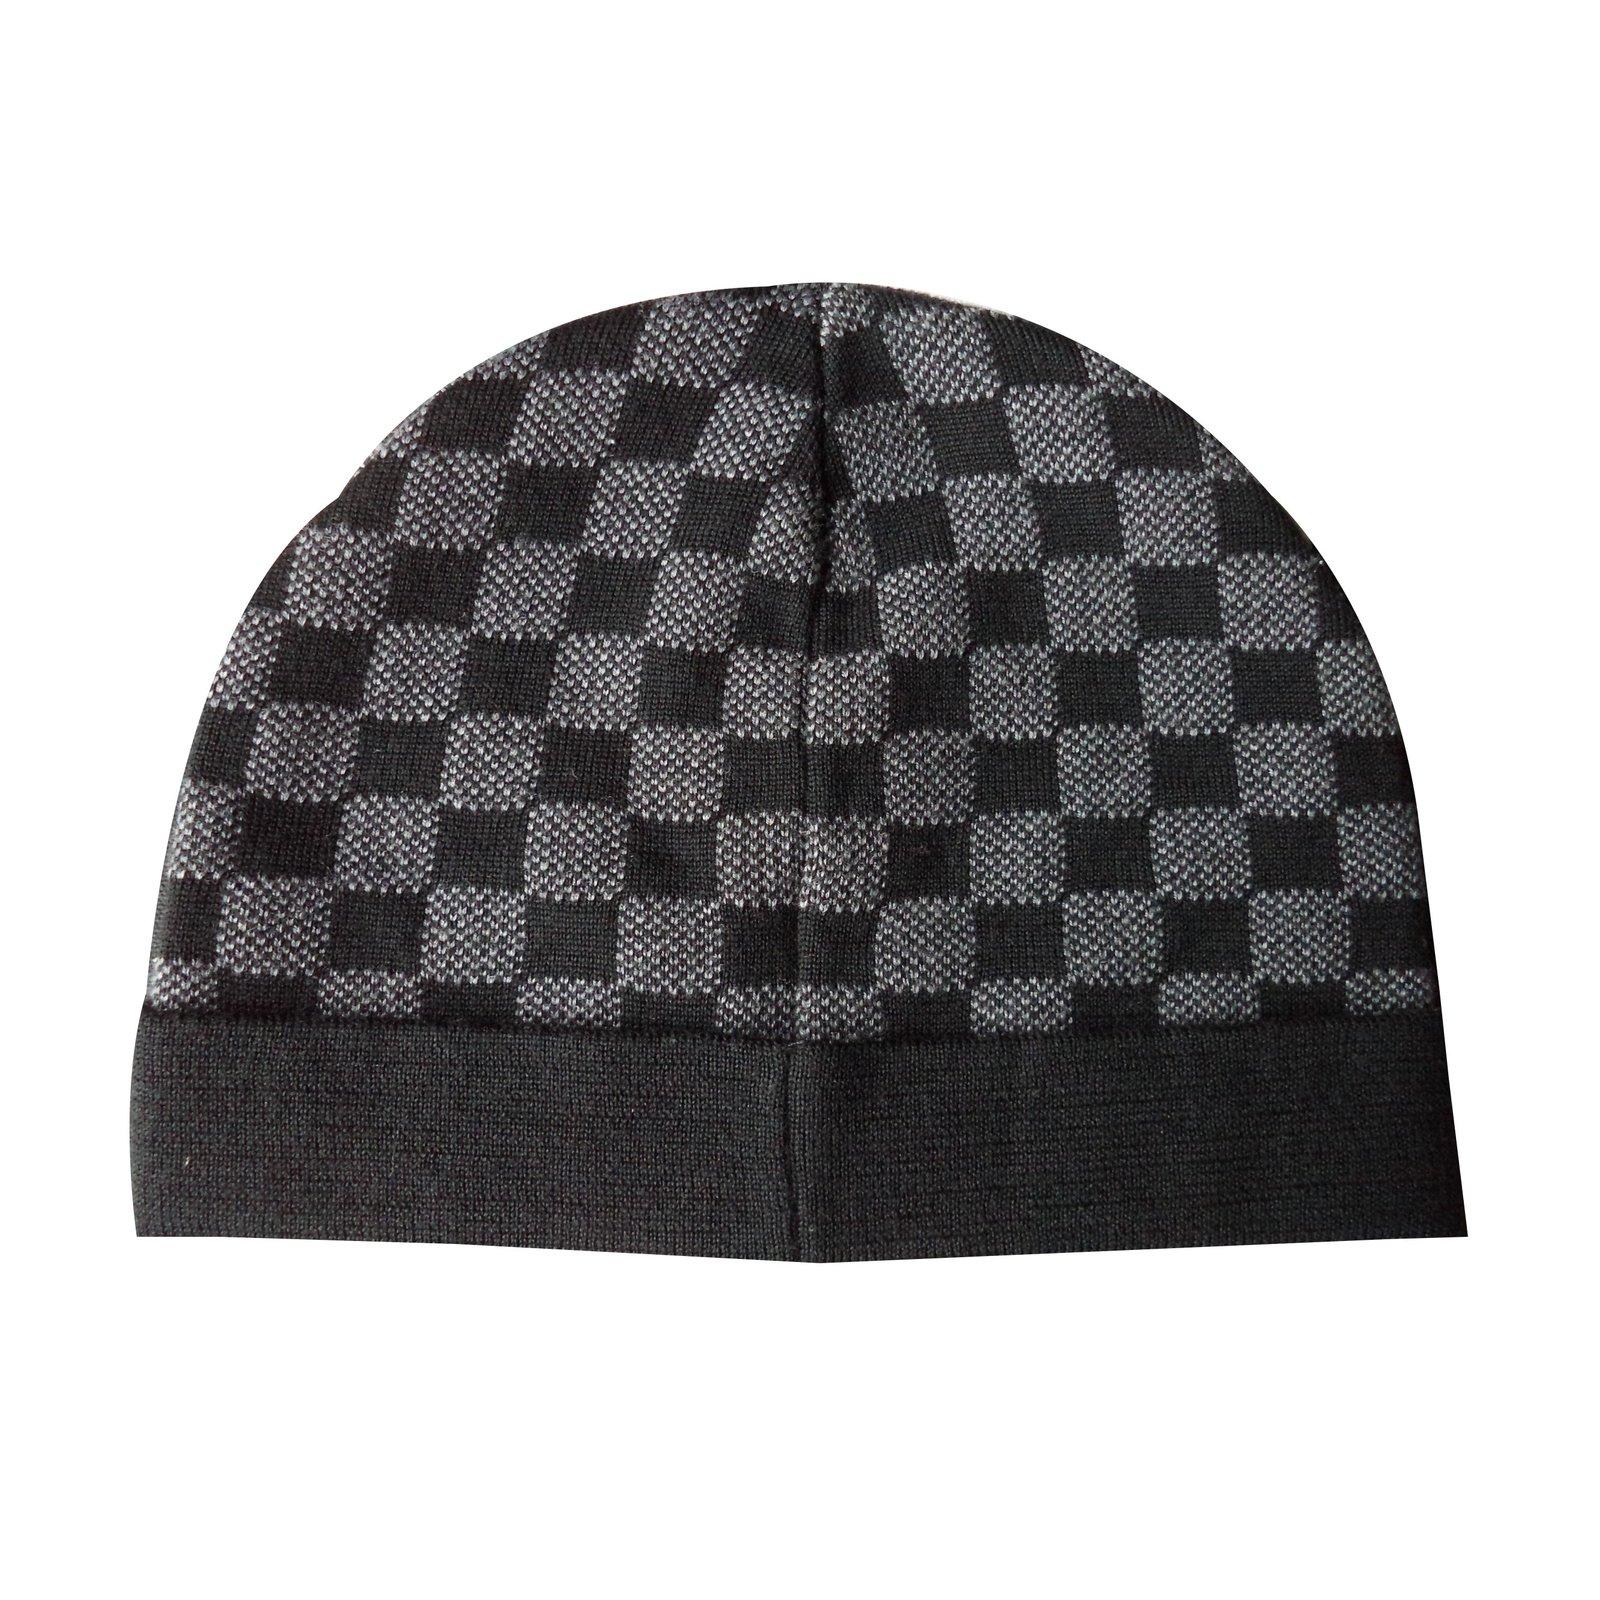 Louis Vuitton Hats Beanies Hats Beanies Wool Grey ref.53168 - Joli ... fcfcd158560a